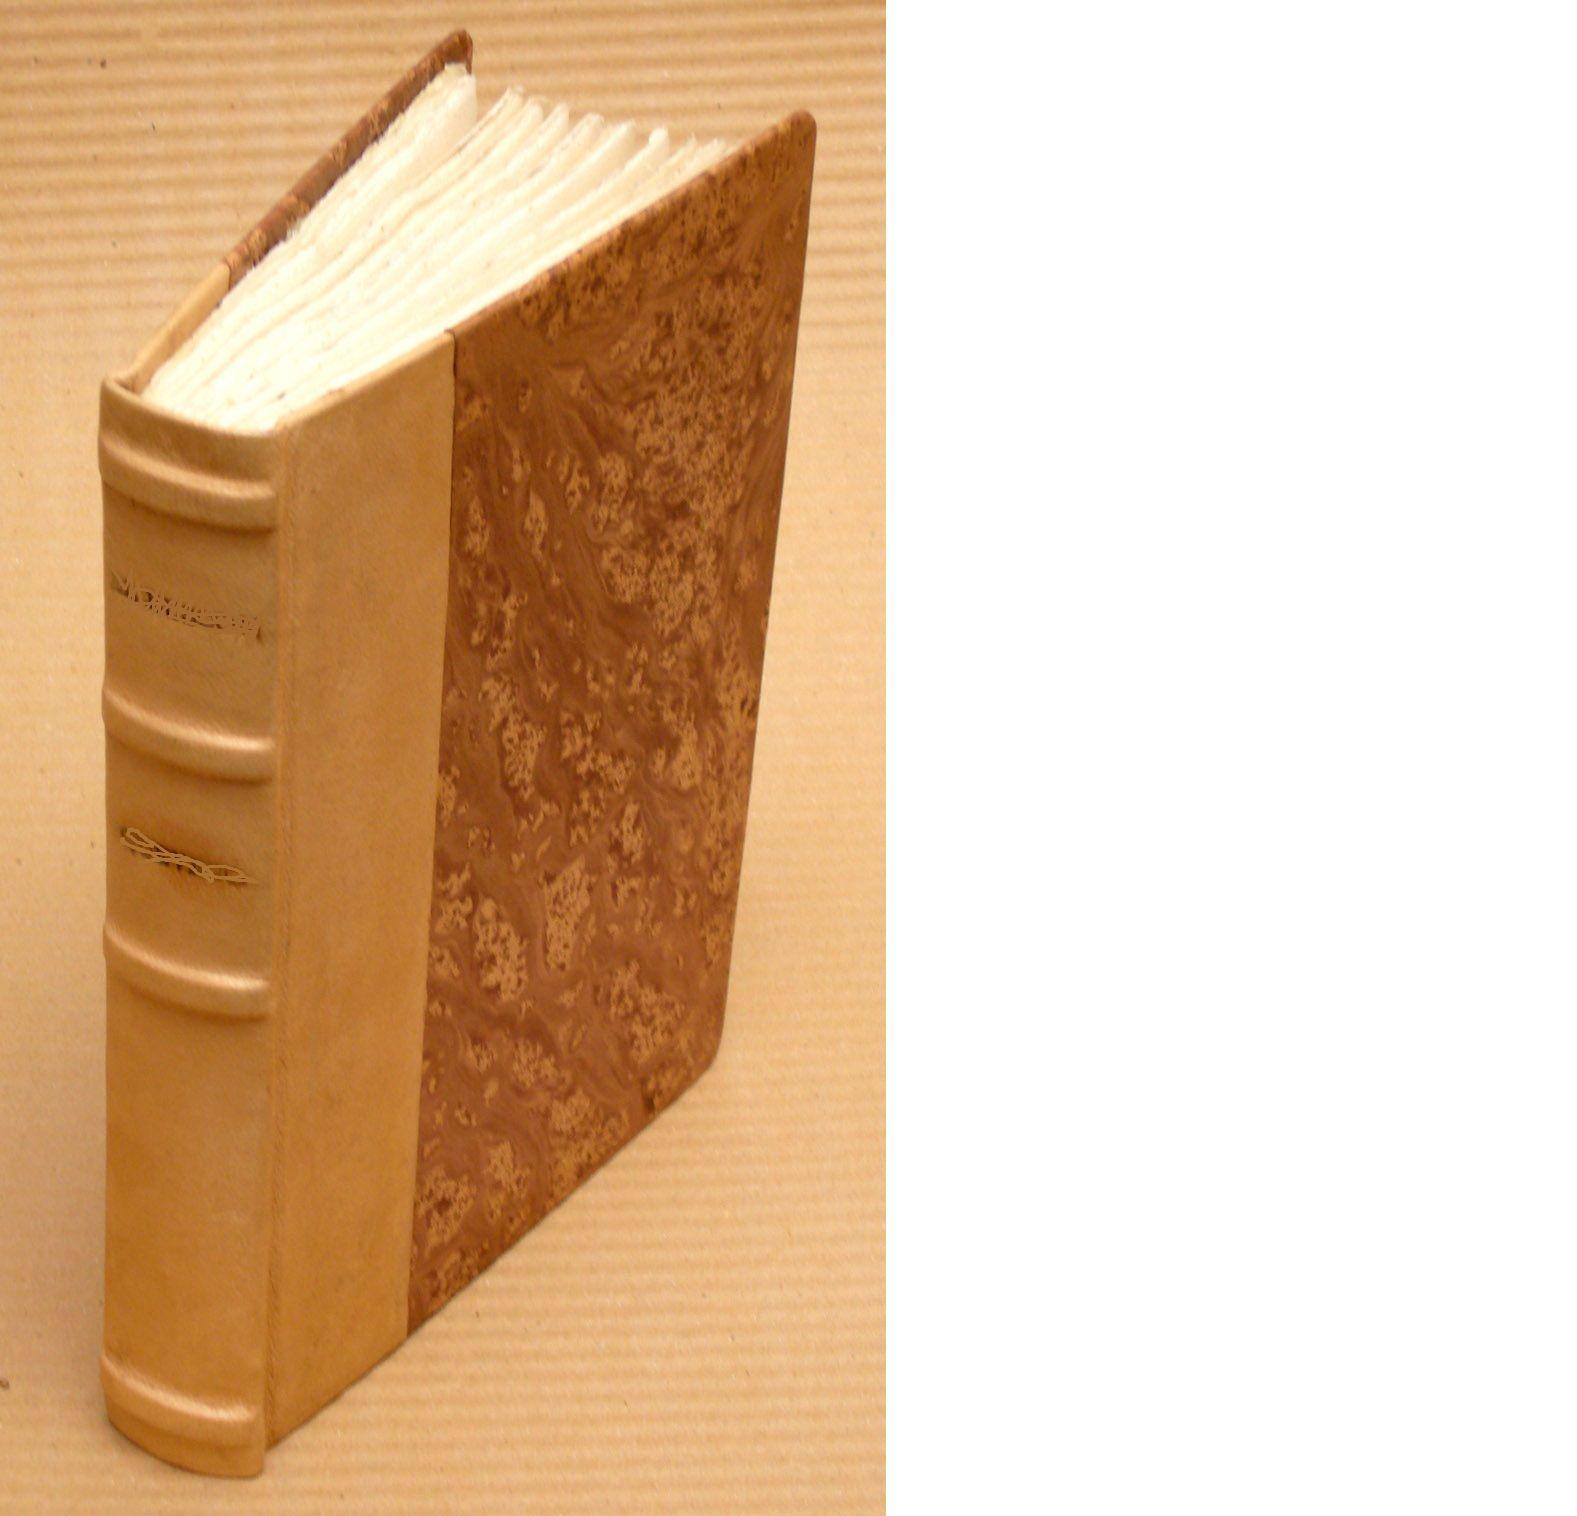 ¿Qué libro es éste?